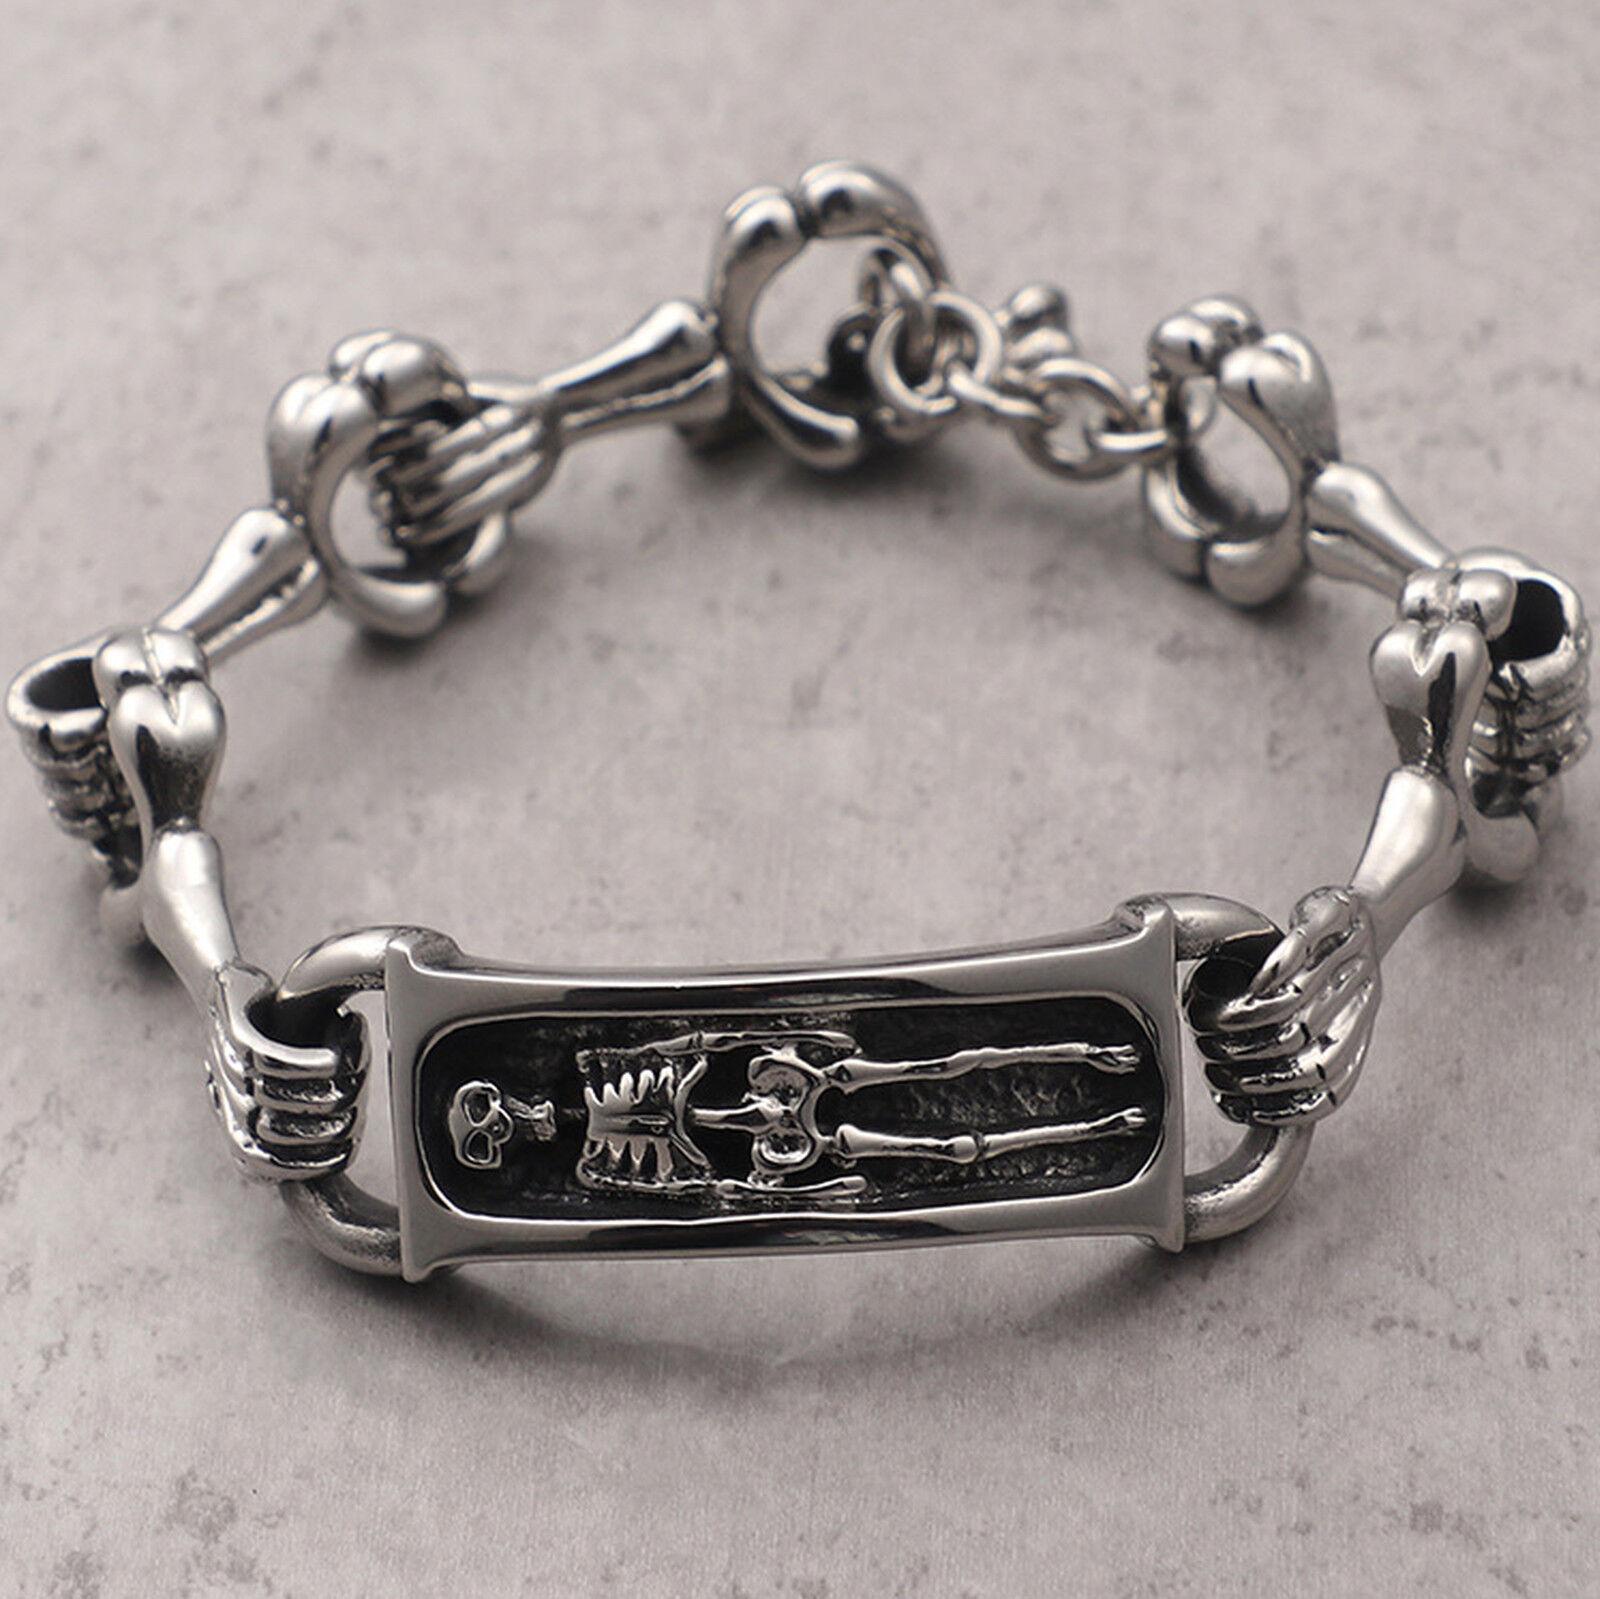 Men's Stainless Steel Gothic Skull Skeletons Biker Bracelet, Bold and Masculine Bracelets